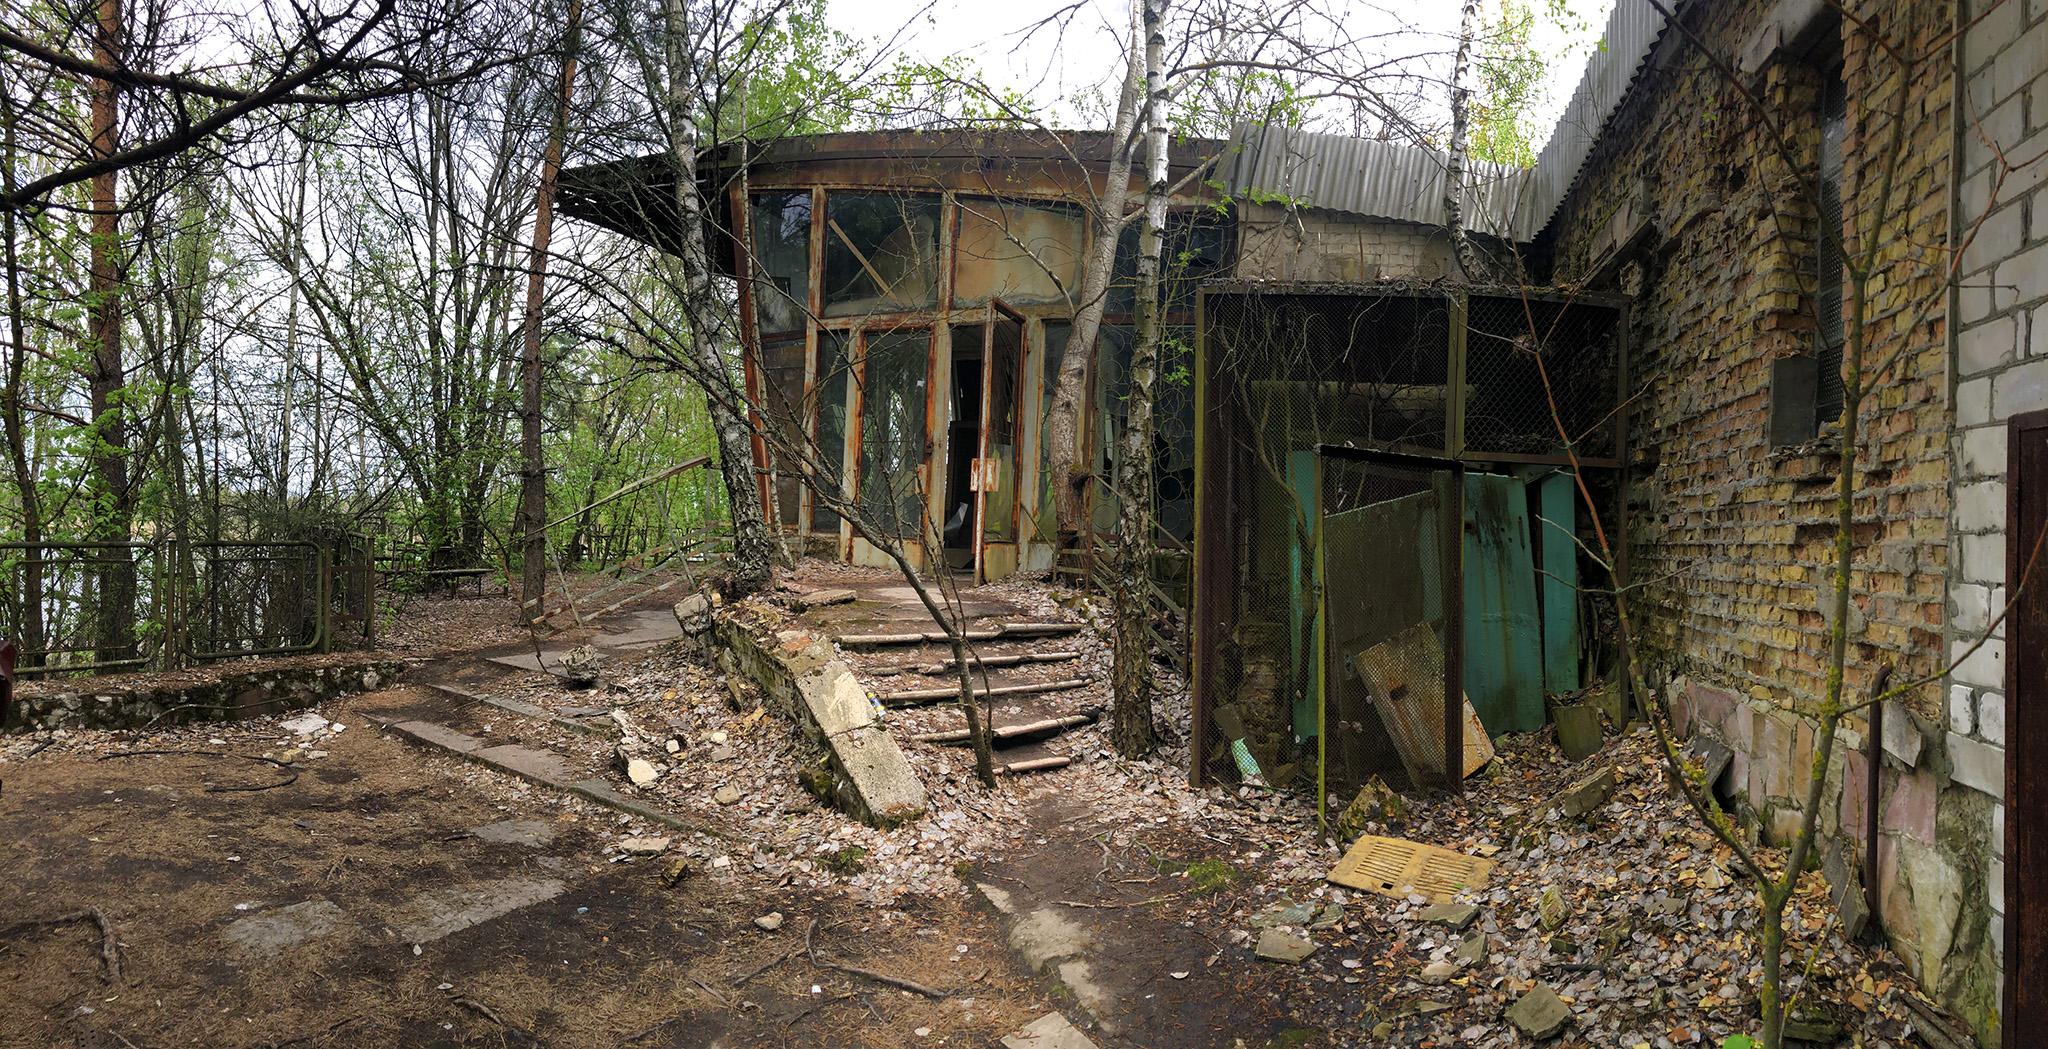 Visitar Chernóbil - Visitar Chernobyl Ucrania Ukraine Pripyat visitar chernóbil - 47045827314 ff35d02218 o - Visitar Chernóbil: el lugar más contaminado del planeta